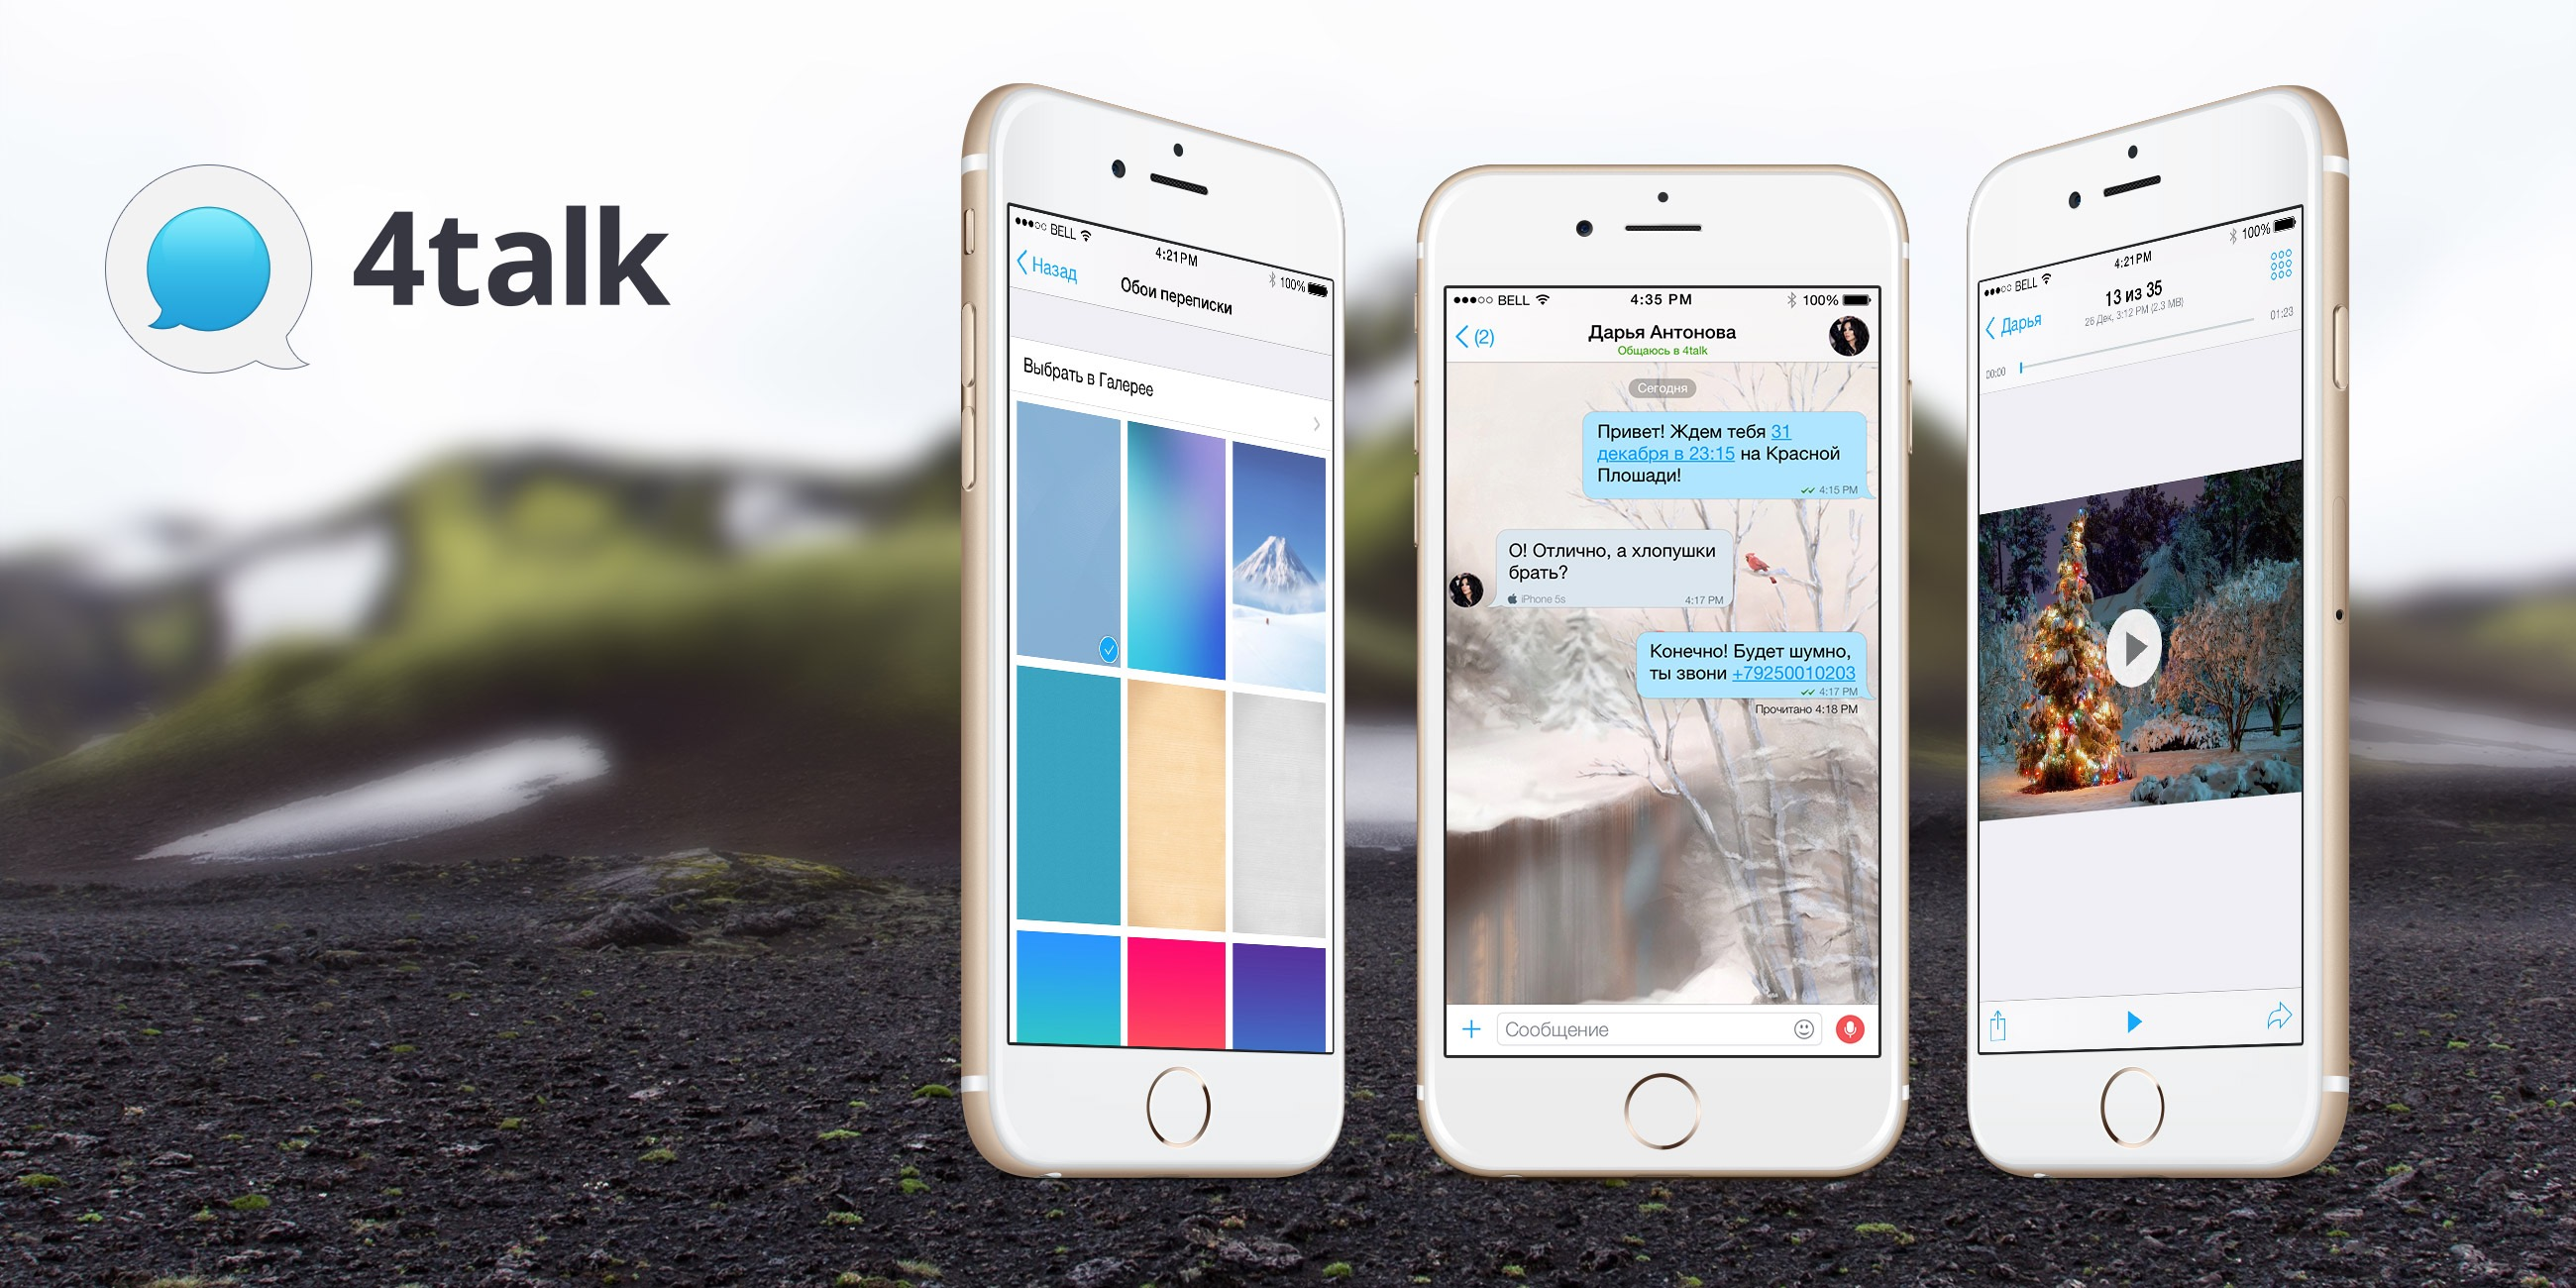 Обновления 4talk: сделайте свои чаты красивее